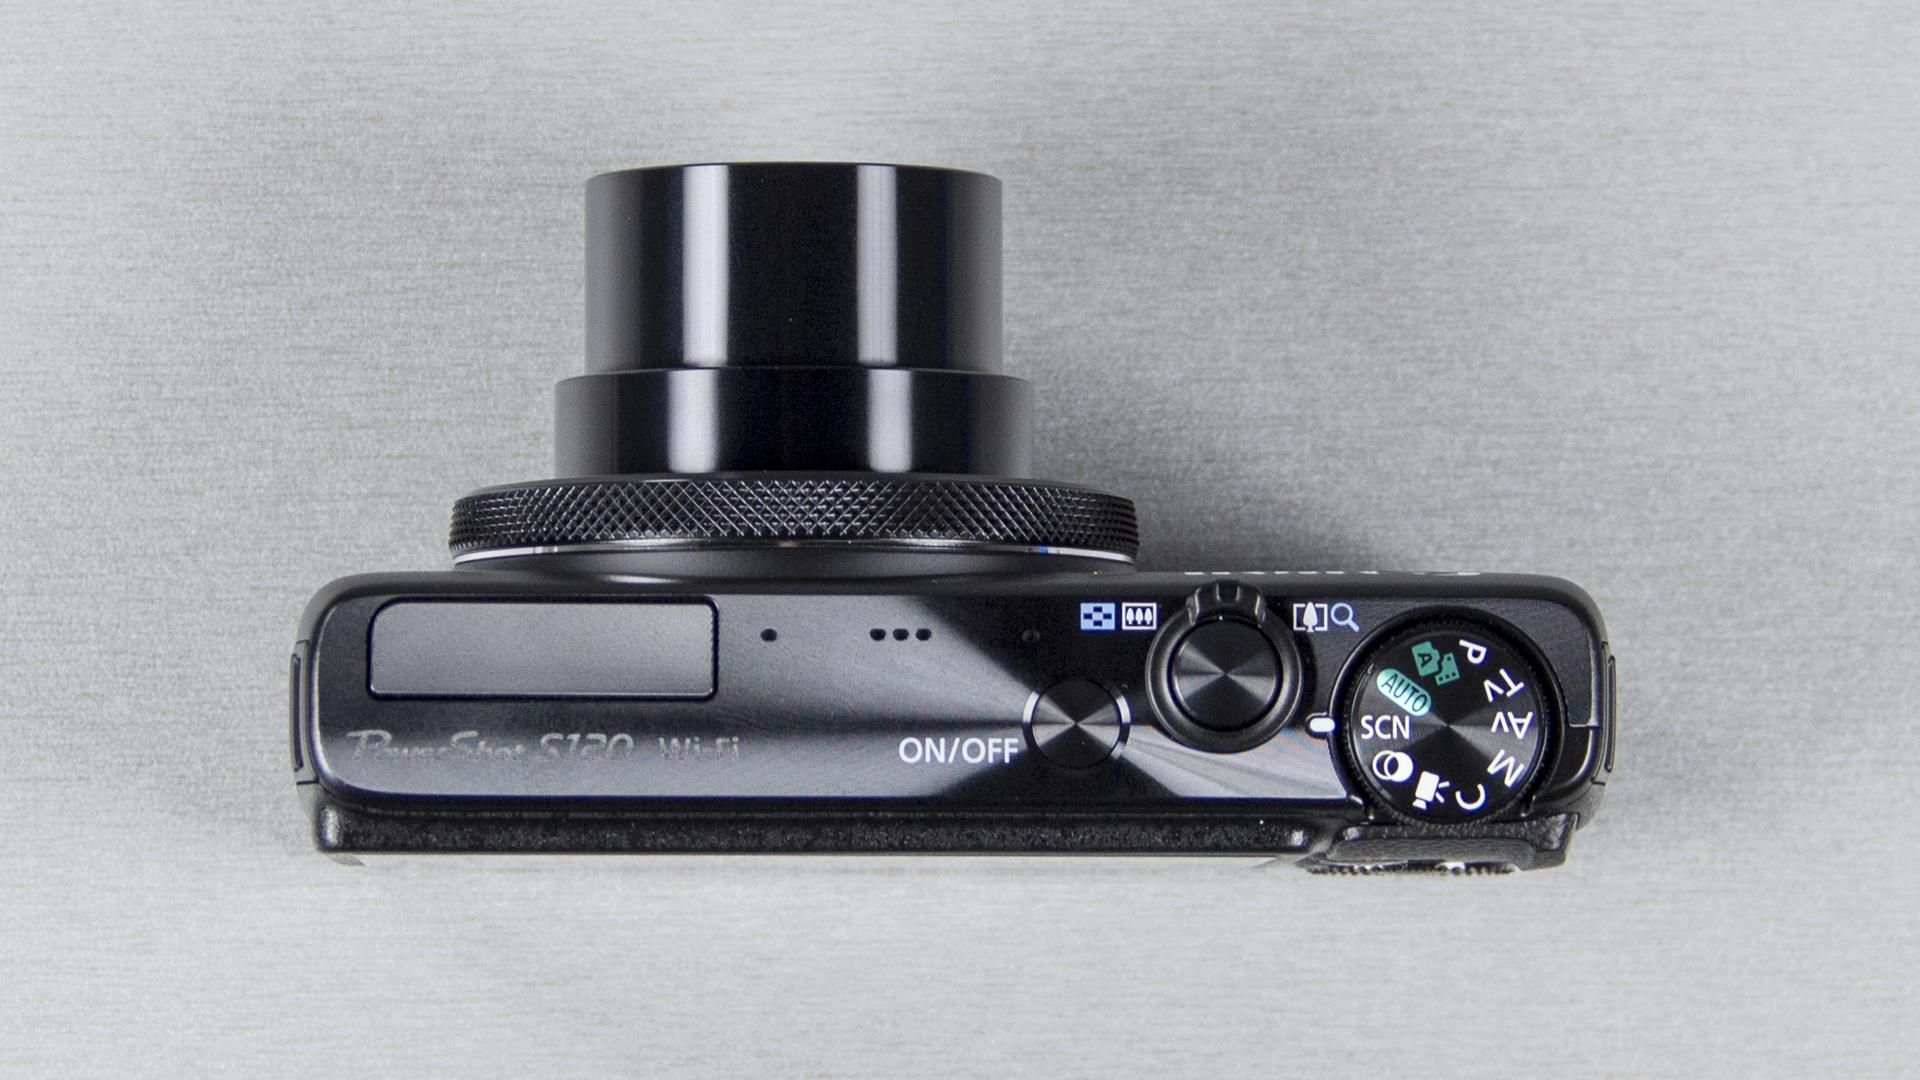 1b21deefc82 Canon PowerShot S120 on kaamera, mis peaks huvi pakkuma fotograafidele, kes  otsivad kompaktset kaamerat, mis teeks kvaliteetset pilti.